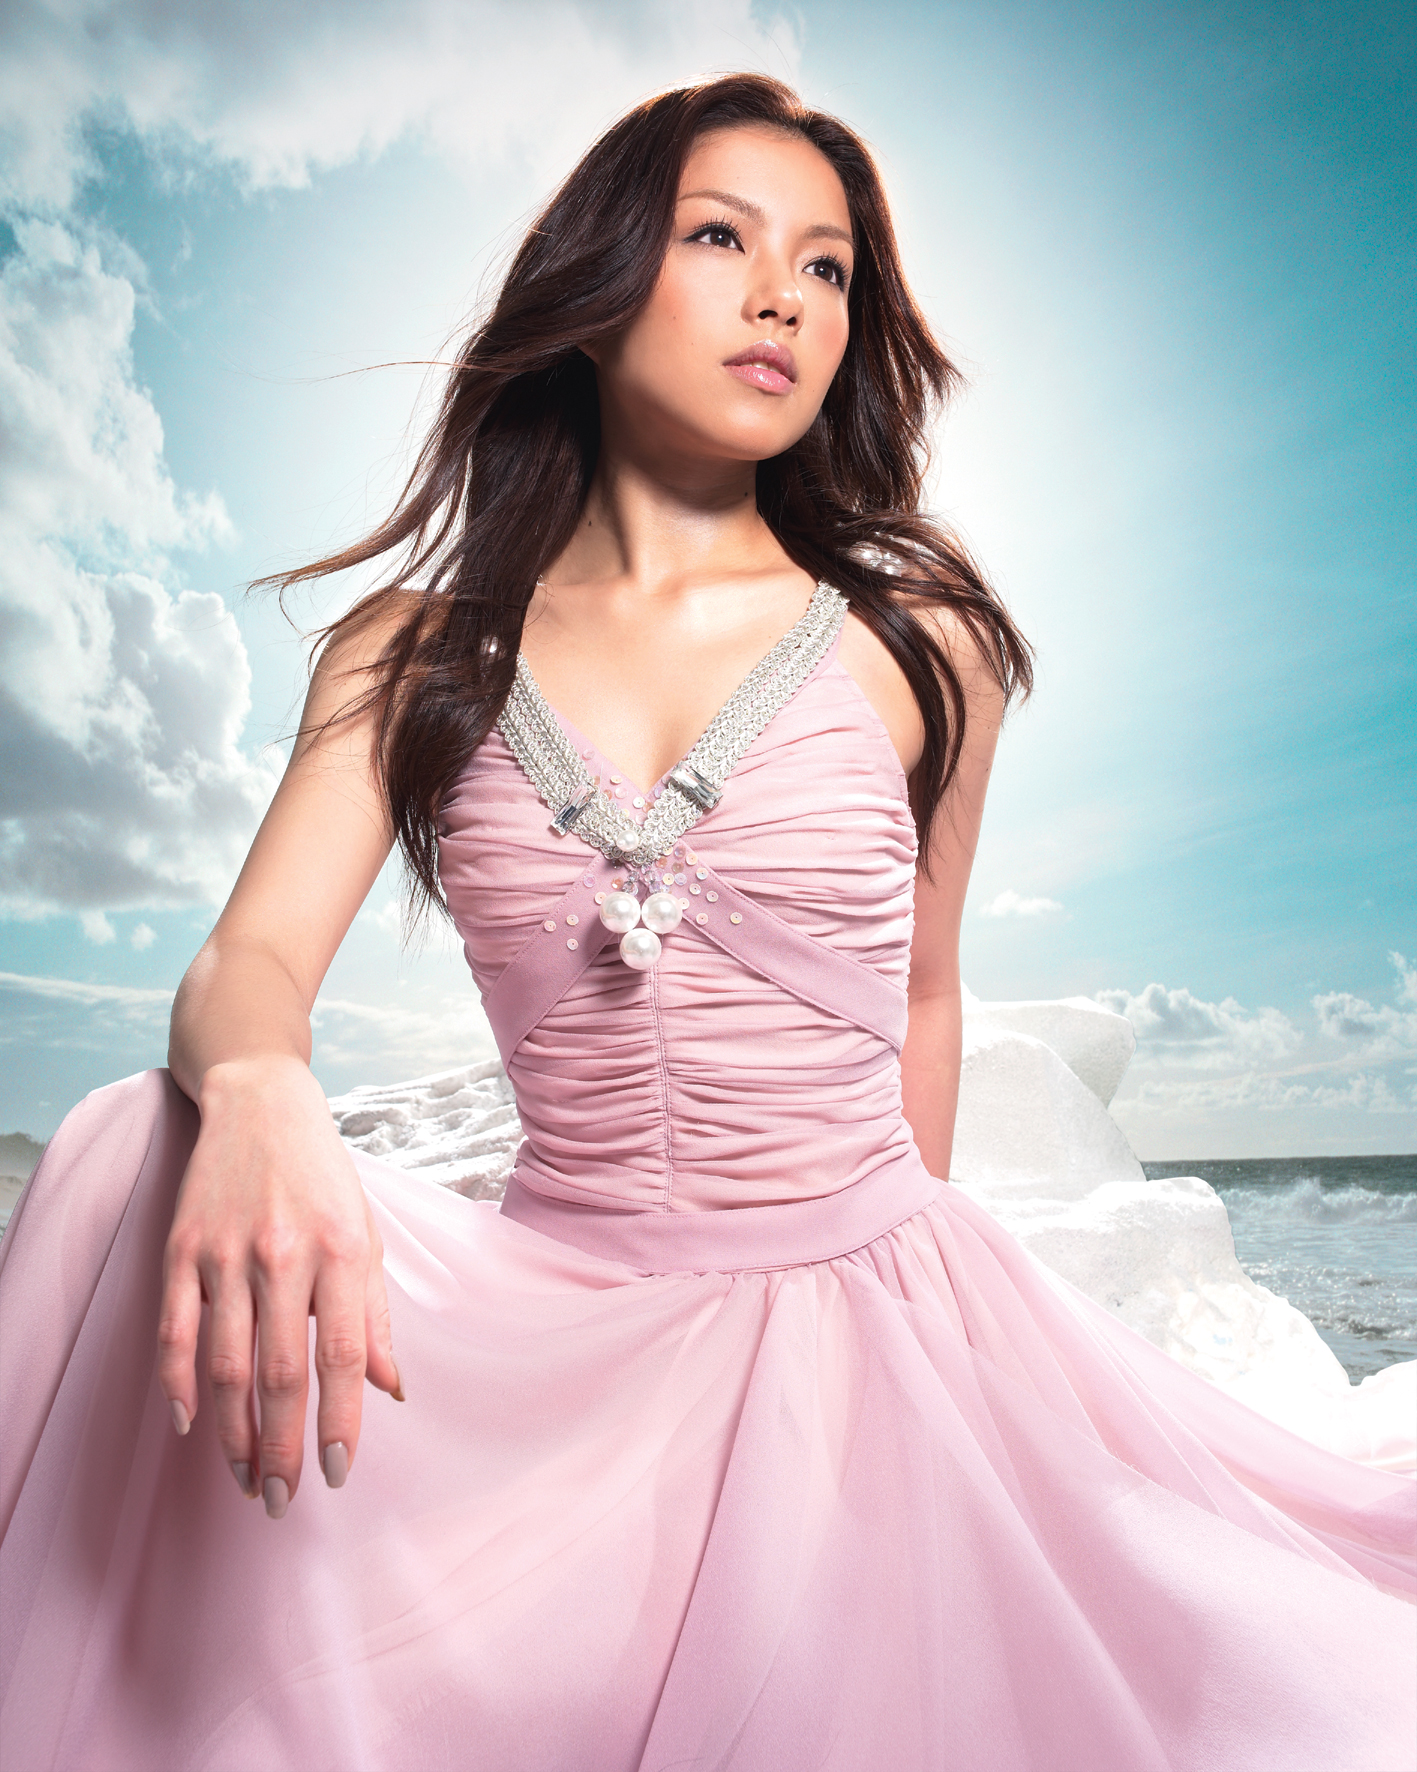 Yuna Ito nude 526